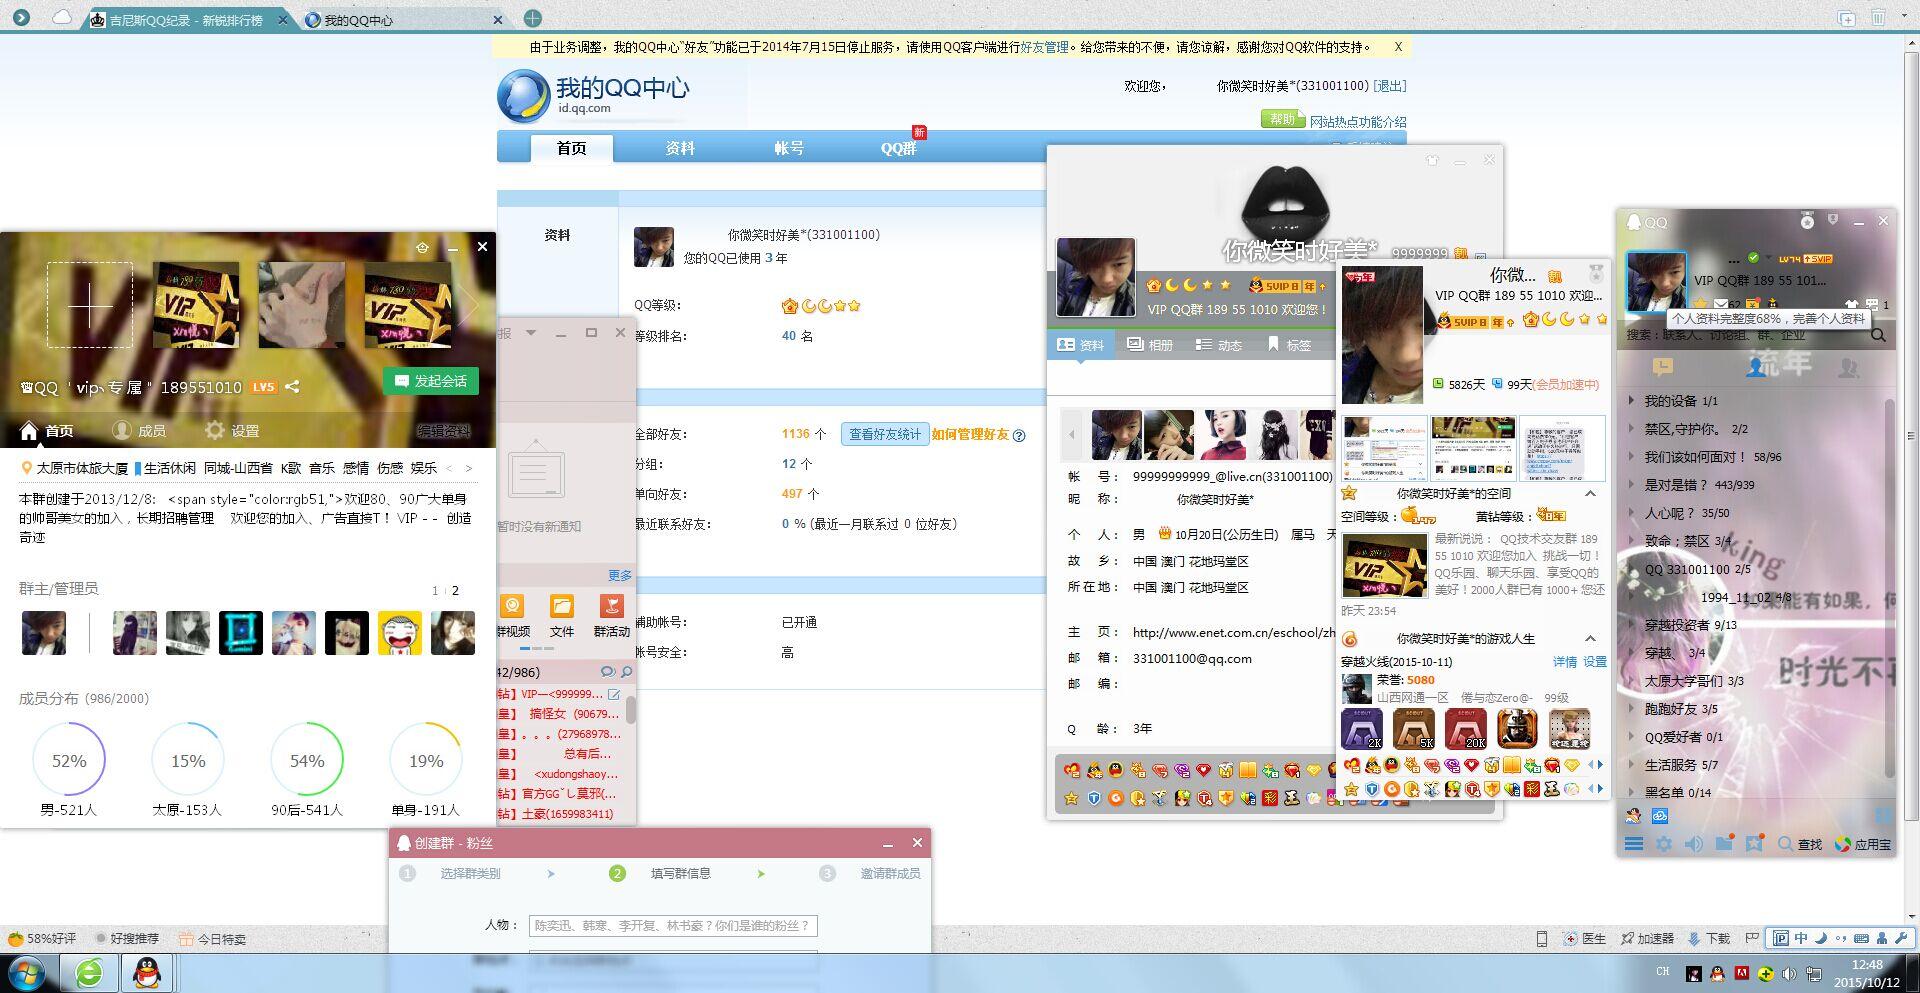 小谢排行榜_Q龄3年2个月 等级74级 - 吉尼斯QQ纪录 - 新锐排行榜 - 小谢天空权威 ...